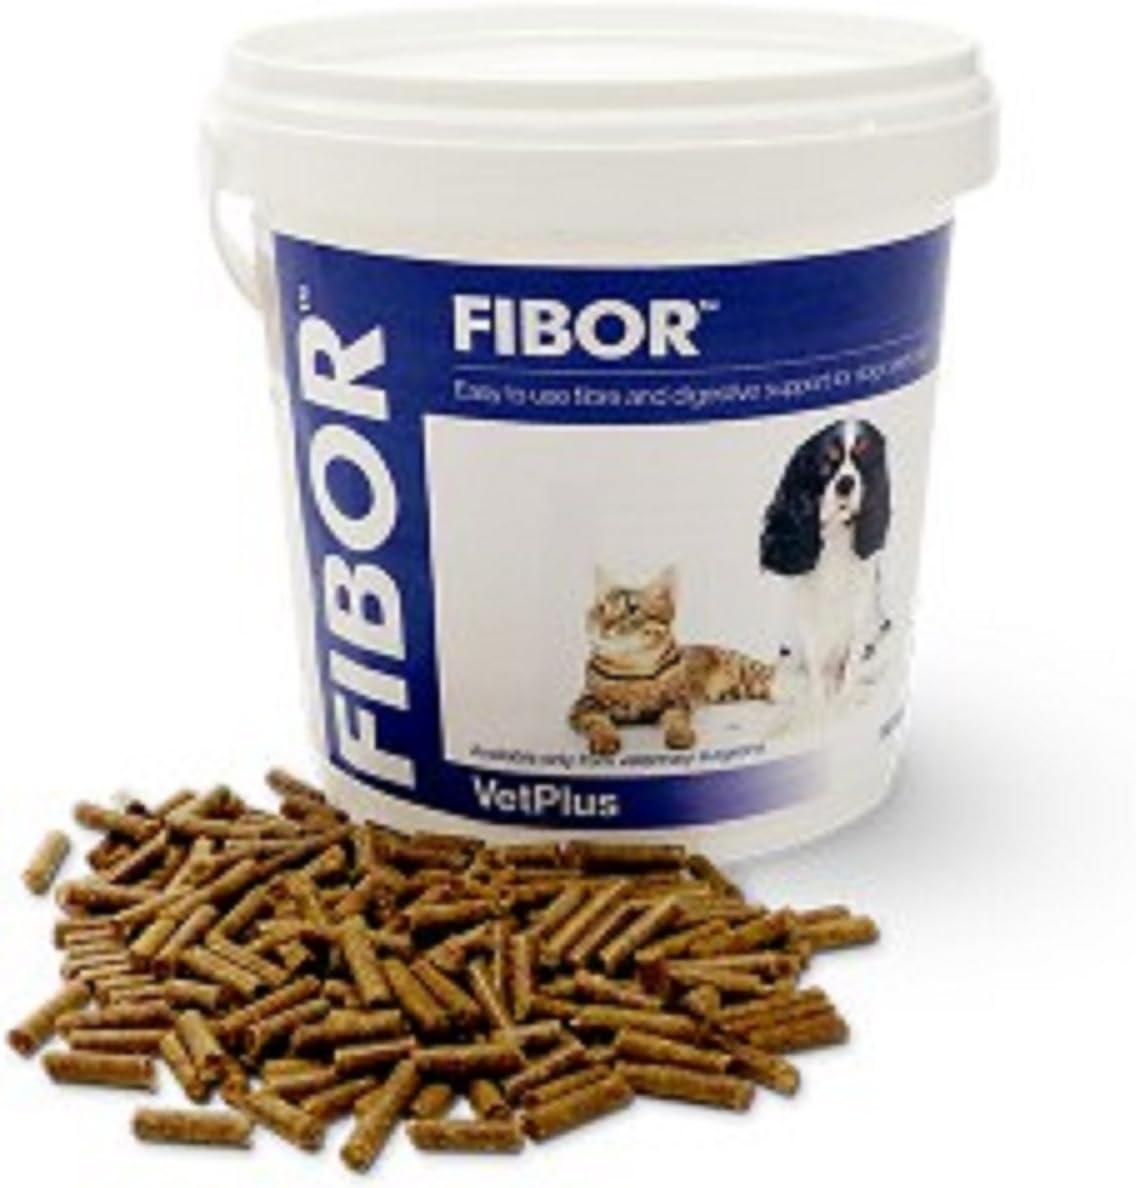 VetPlus Fibor - Suplemento Alimenticio para Digestión, 500 g: Amazon.es: Productos para mascotas